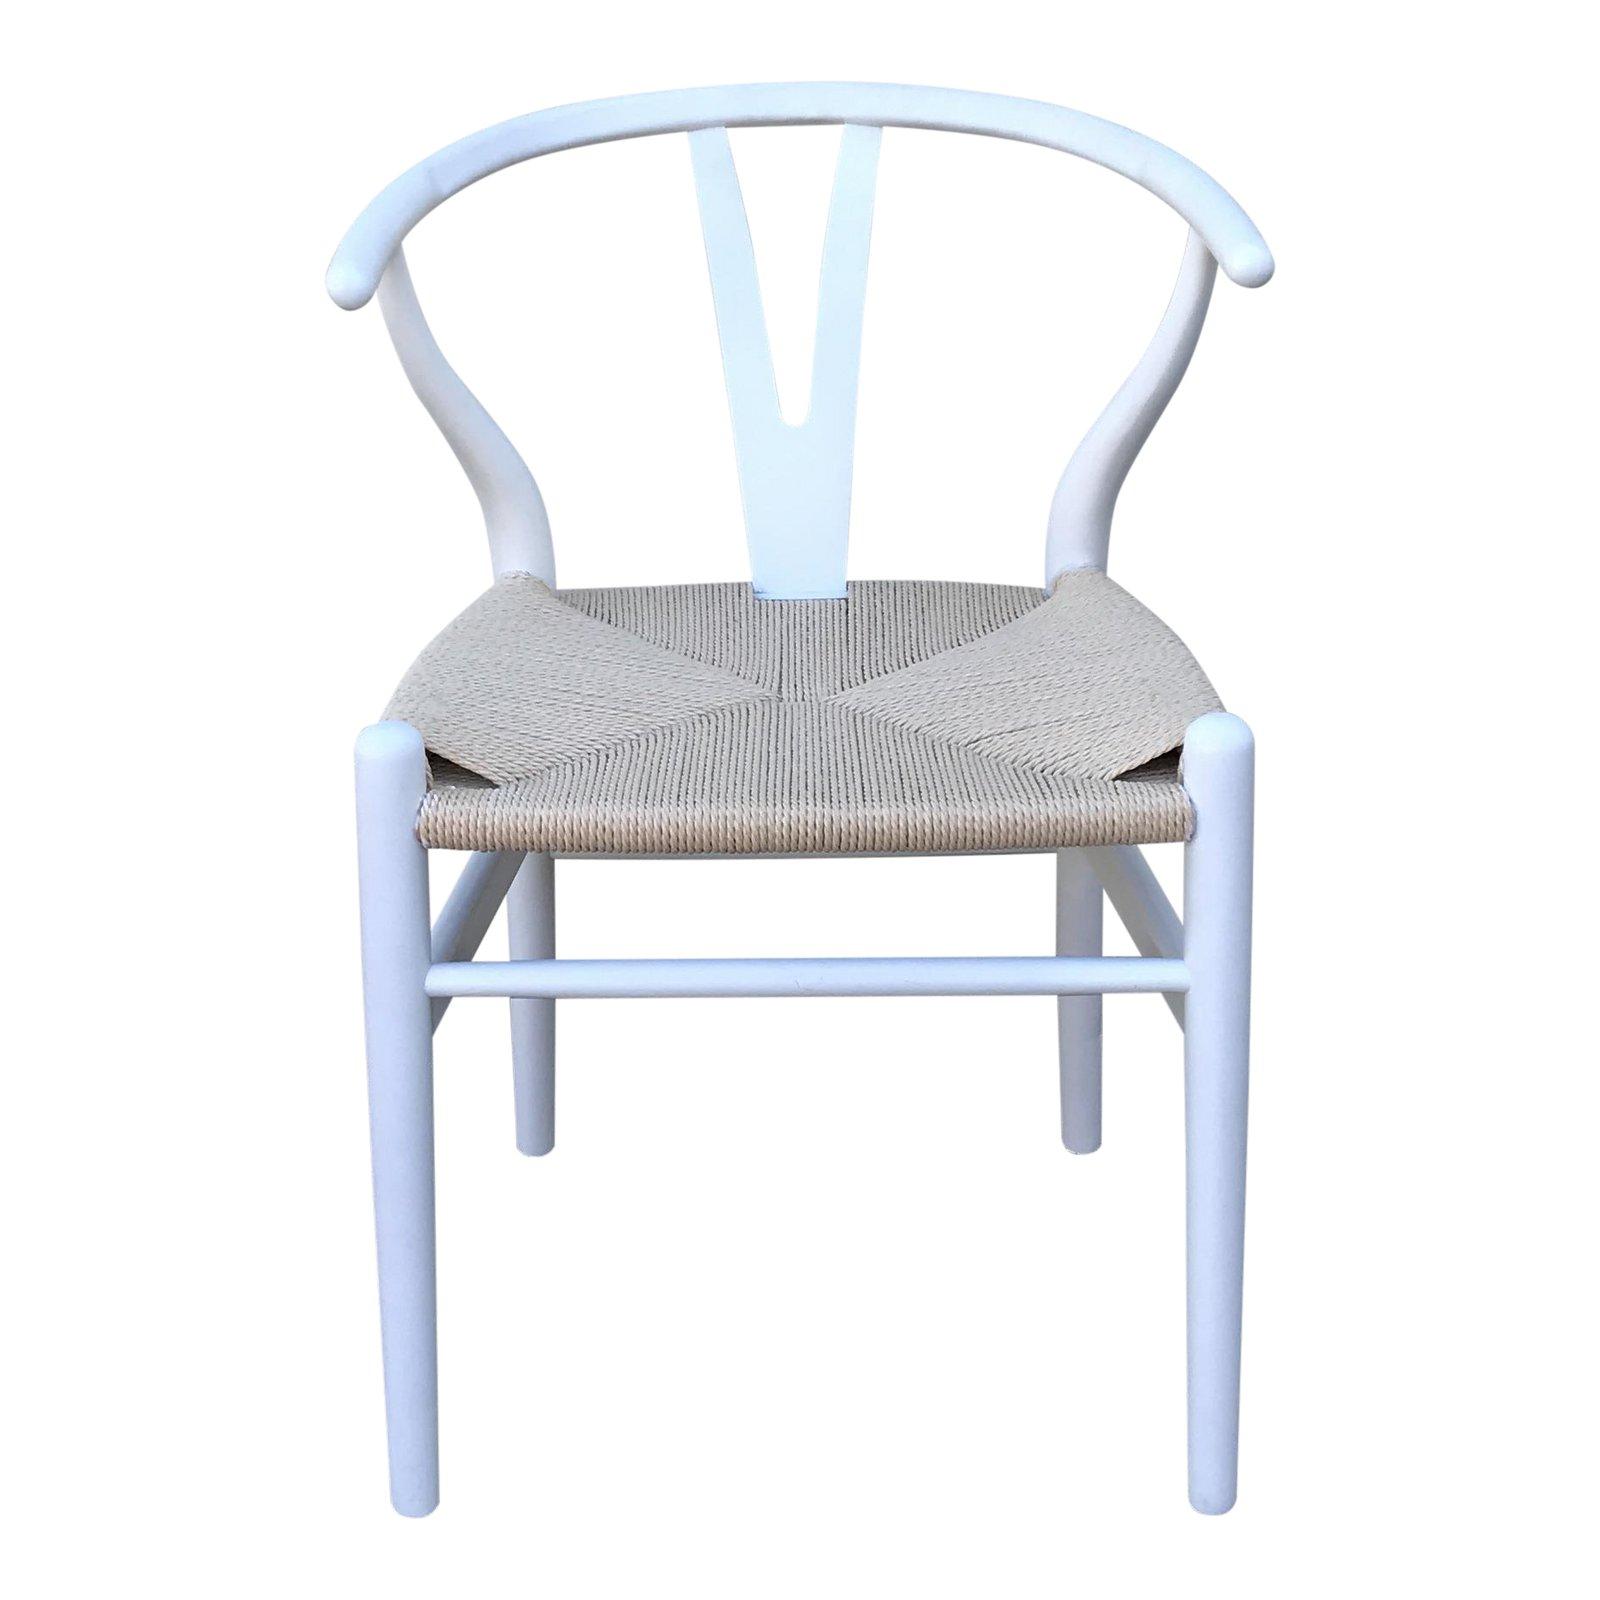 mid-century-modern-white-wishbone-chairs-1146.jpg